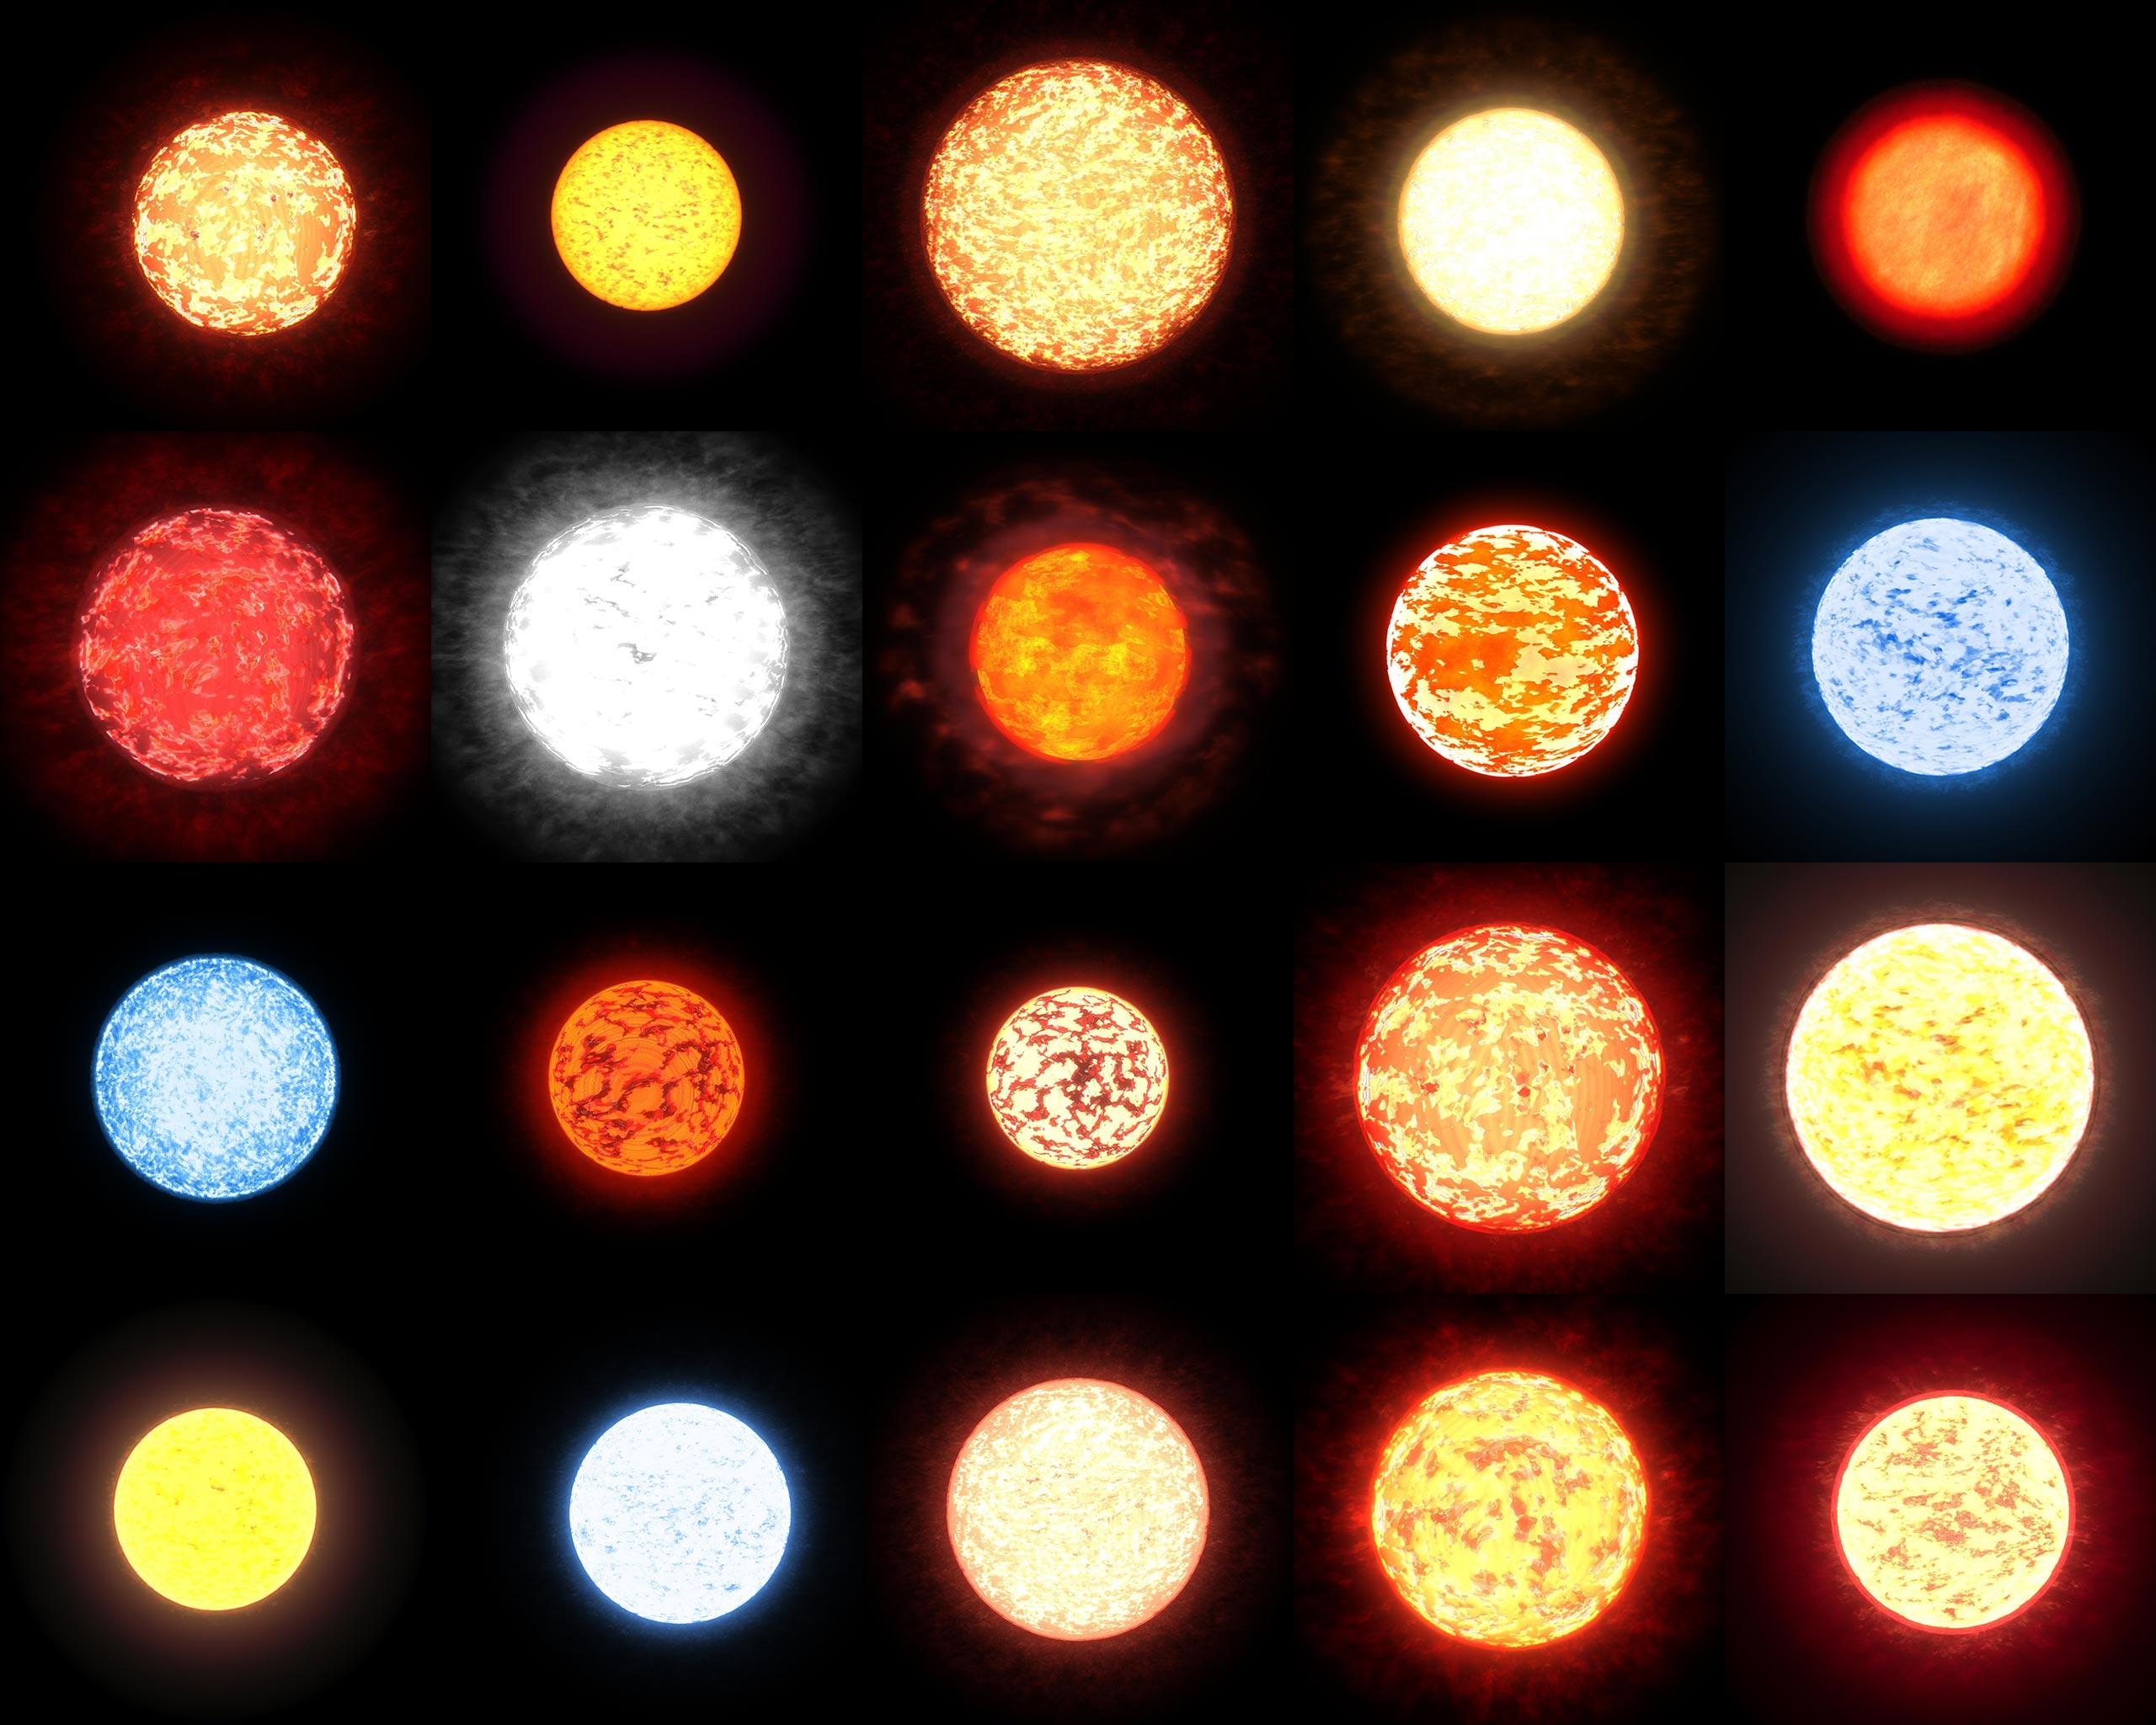 Customizing a Close-Up Sun | The Fulldome Blog